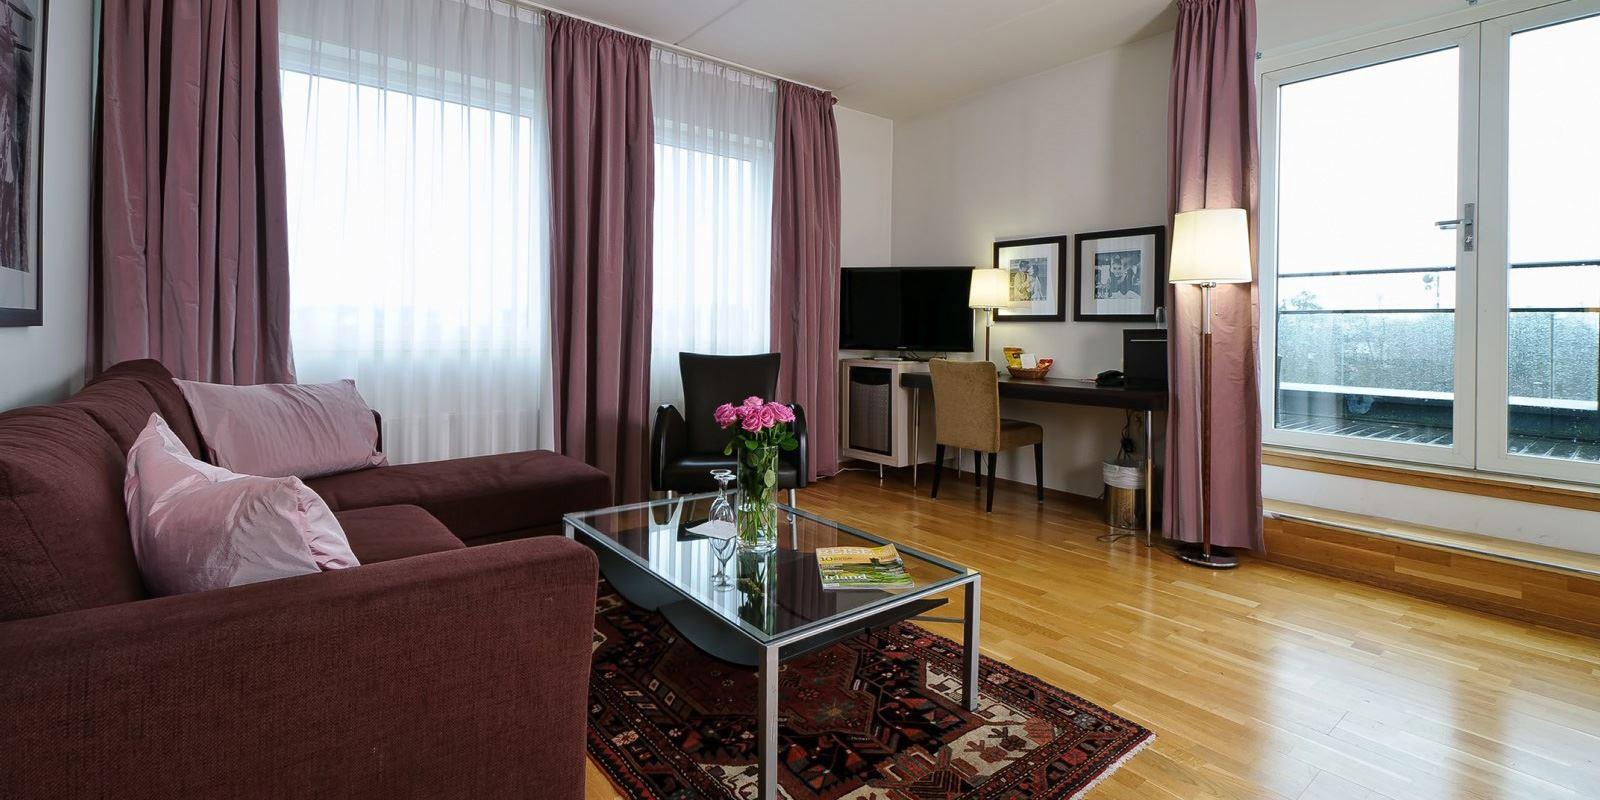 Thon Hotel Ski suite